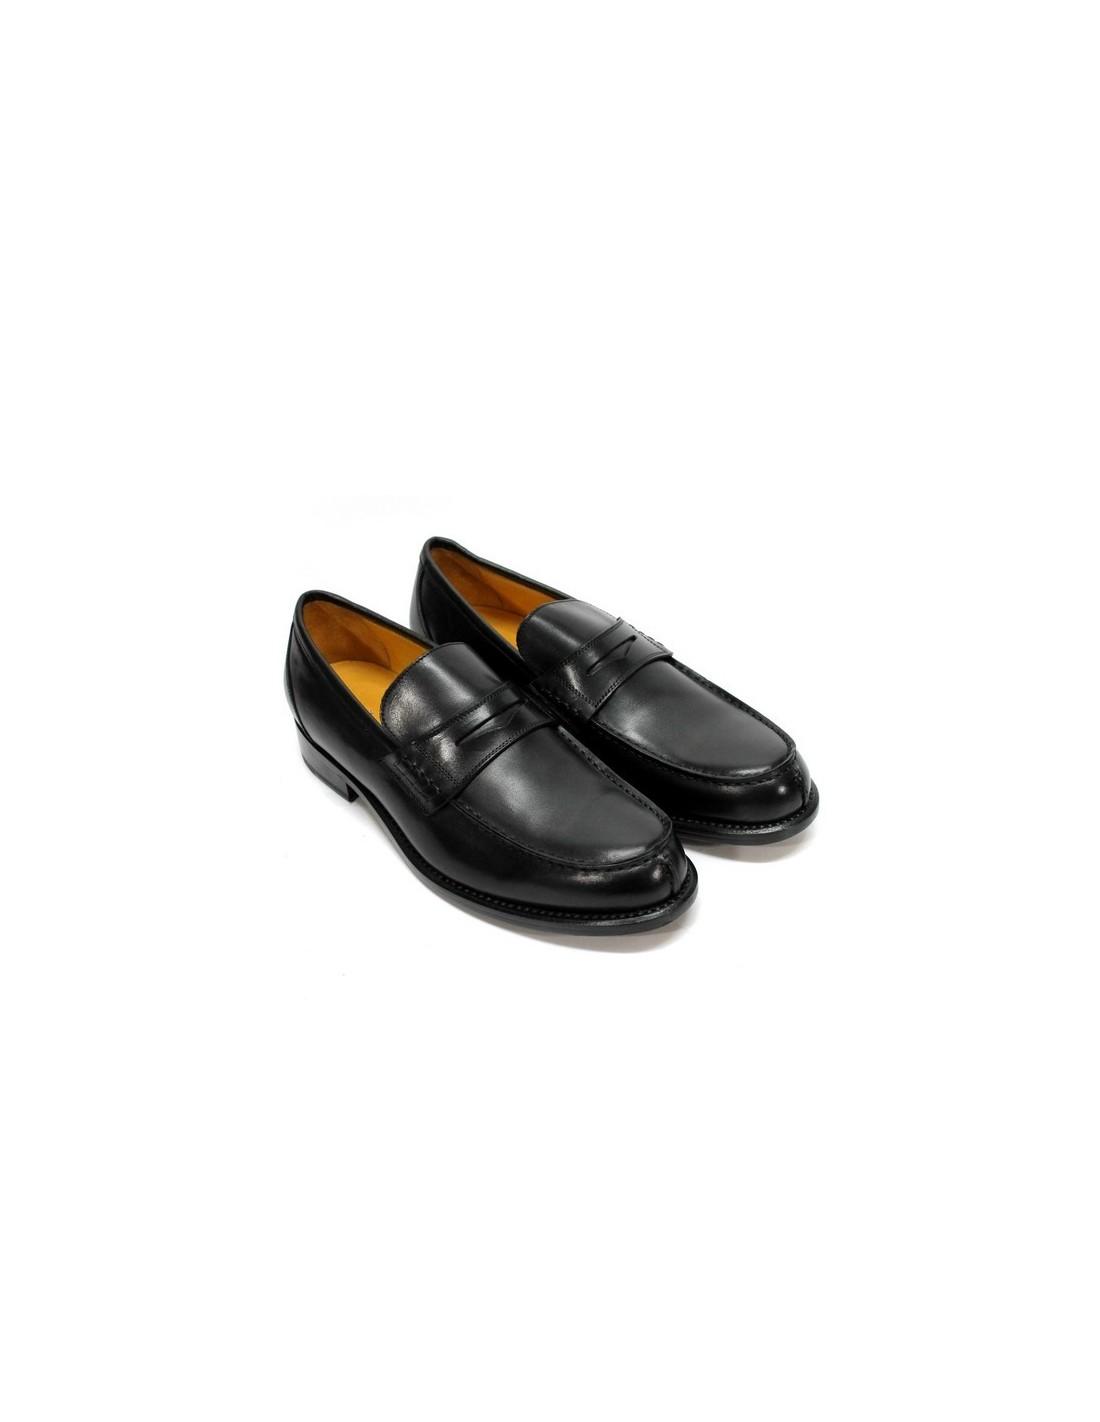 Nuova scarpe Calpierre college collezione online mocassini zTwx6nqpS1